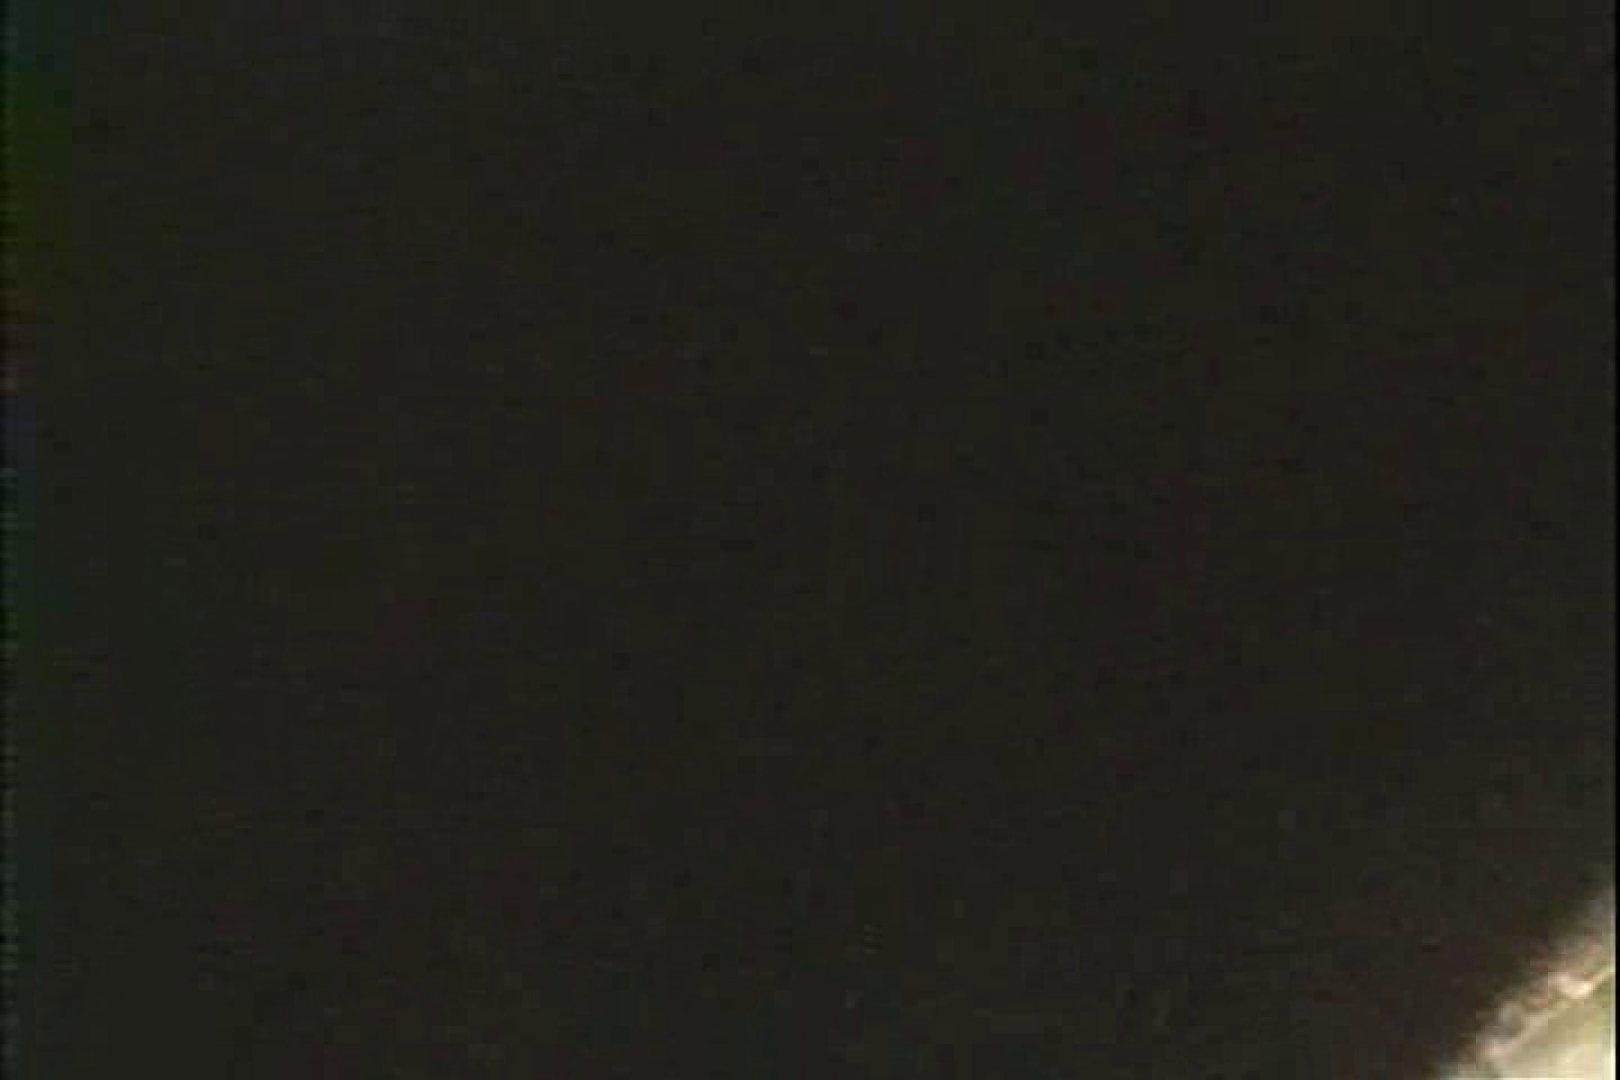 「ちくりん」さんのオリジナル未編集パンチラVol.6_02 美しいOLの裸体 盗み撮り動画キャプチャ 71pic 47